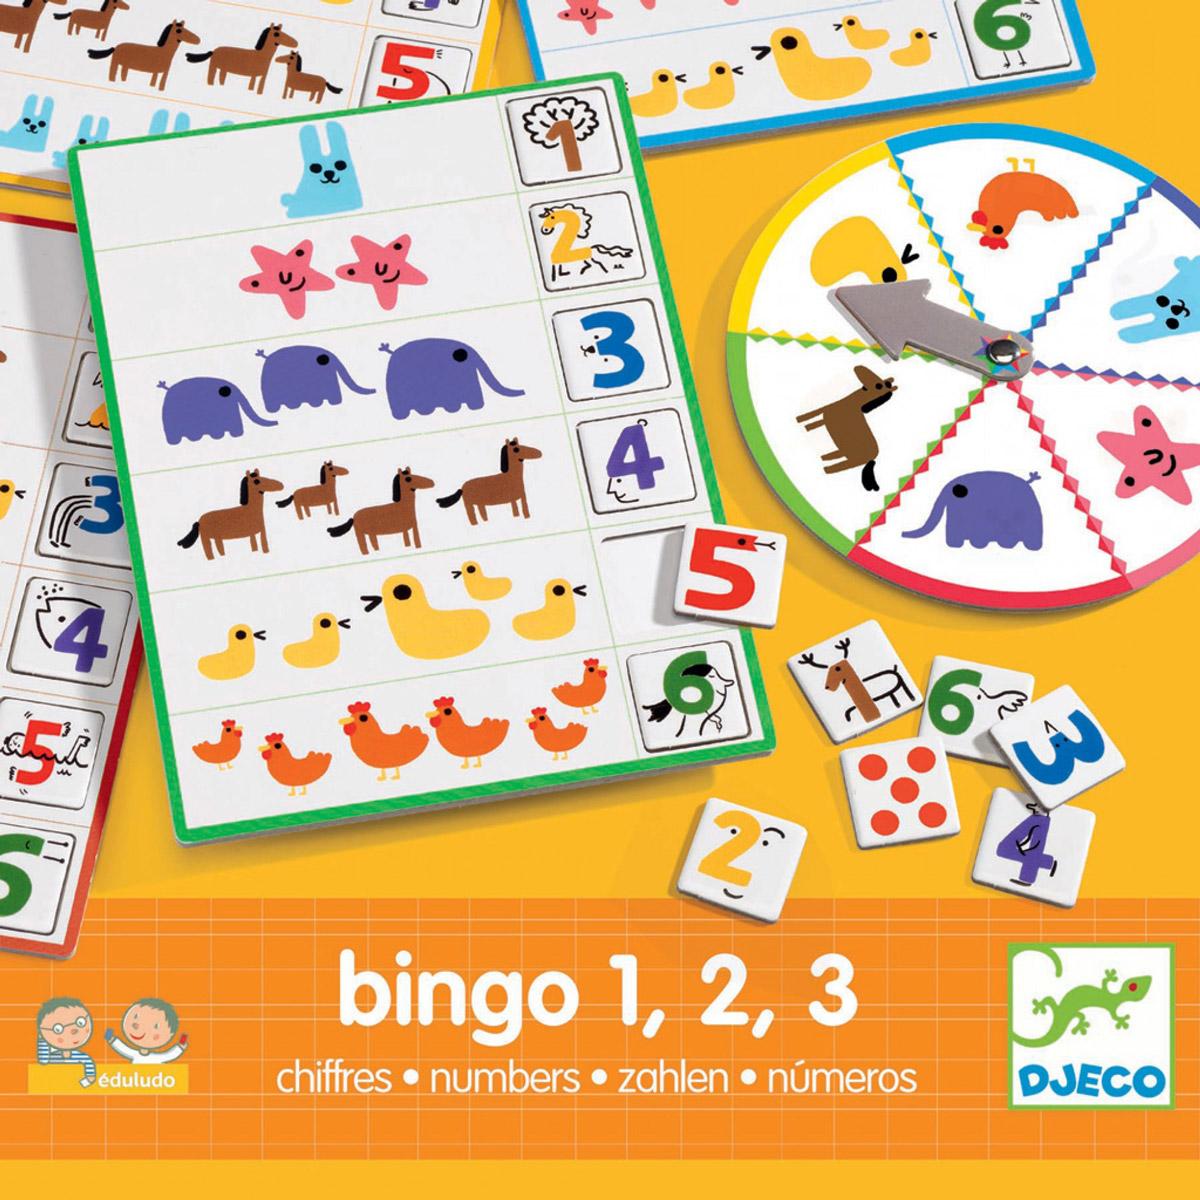 Djeco Настольная игра Числа Бинго08318Игровой набор Djeco Числа Бинго - прекрасная возможность через игровую форму познакомить ребенка с цифрами. Вращайте друг за другом колесо и сочетайте формы в соответствии с карточками и нарисованными фигурками. Выигрывает тот, кто последним соберет свою карточку. Настольная игра Бинго прекрасно подойдет в качестве развлечения для любого детского праздника. Игра развивает логическое мышление, сообразительность и внимательность ребенка, учит его усидчивости и терпению.